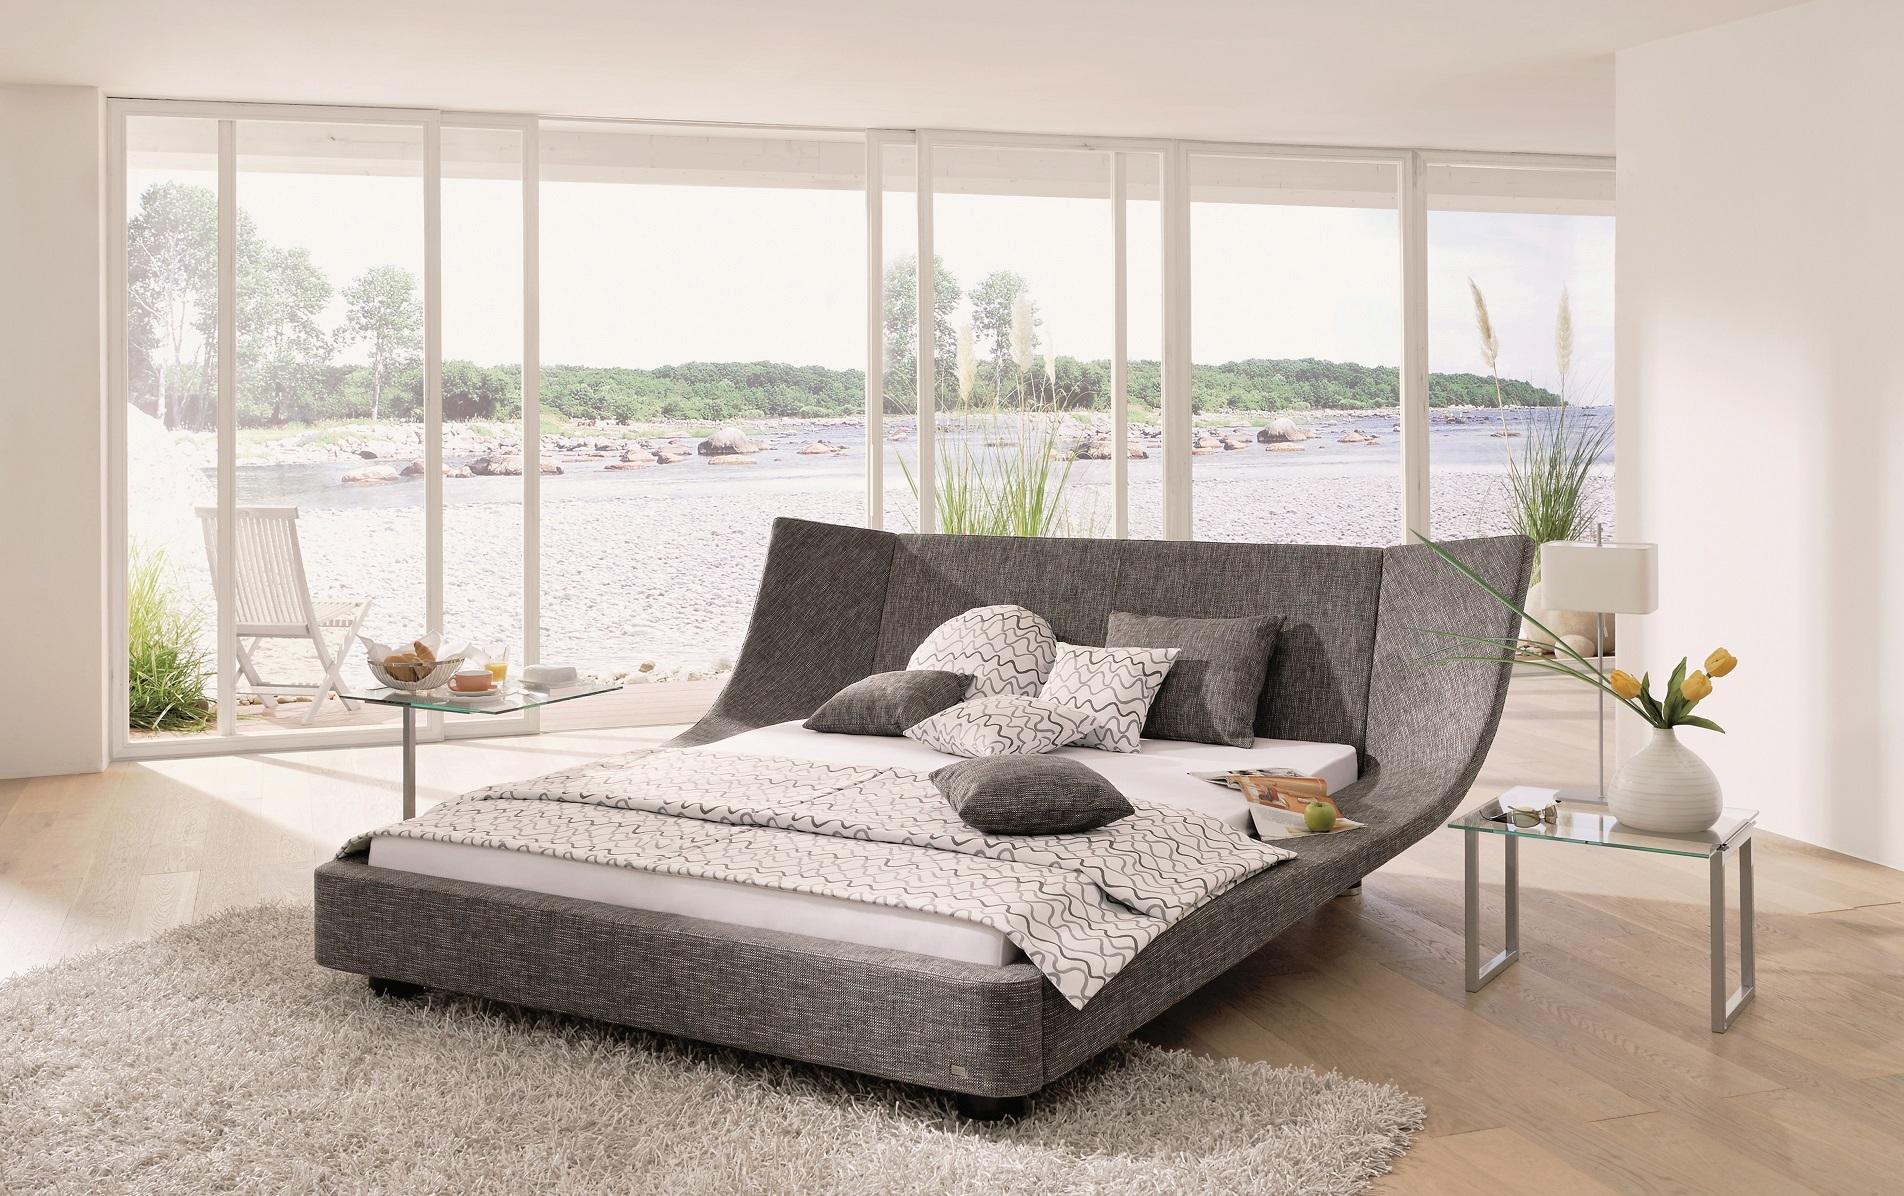 Сон в облаке: «космическая» модель спальной системы «Кокон»